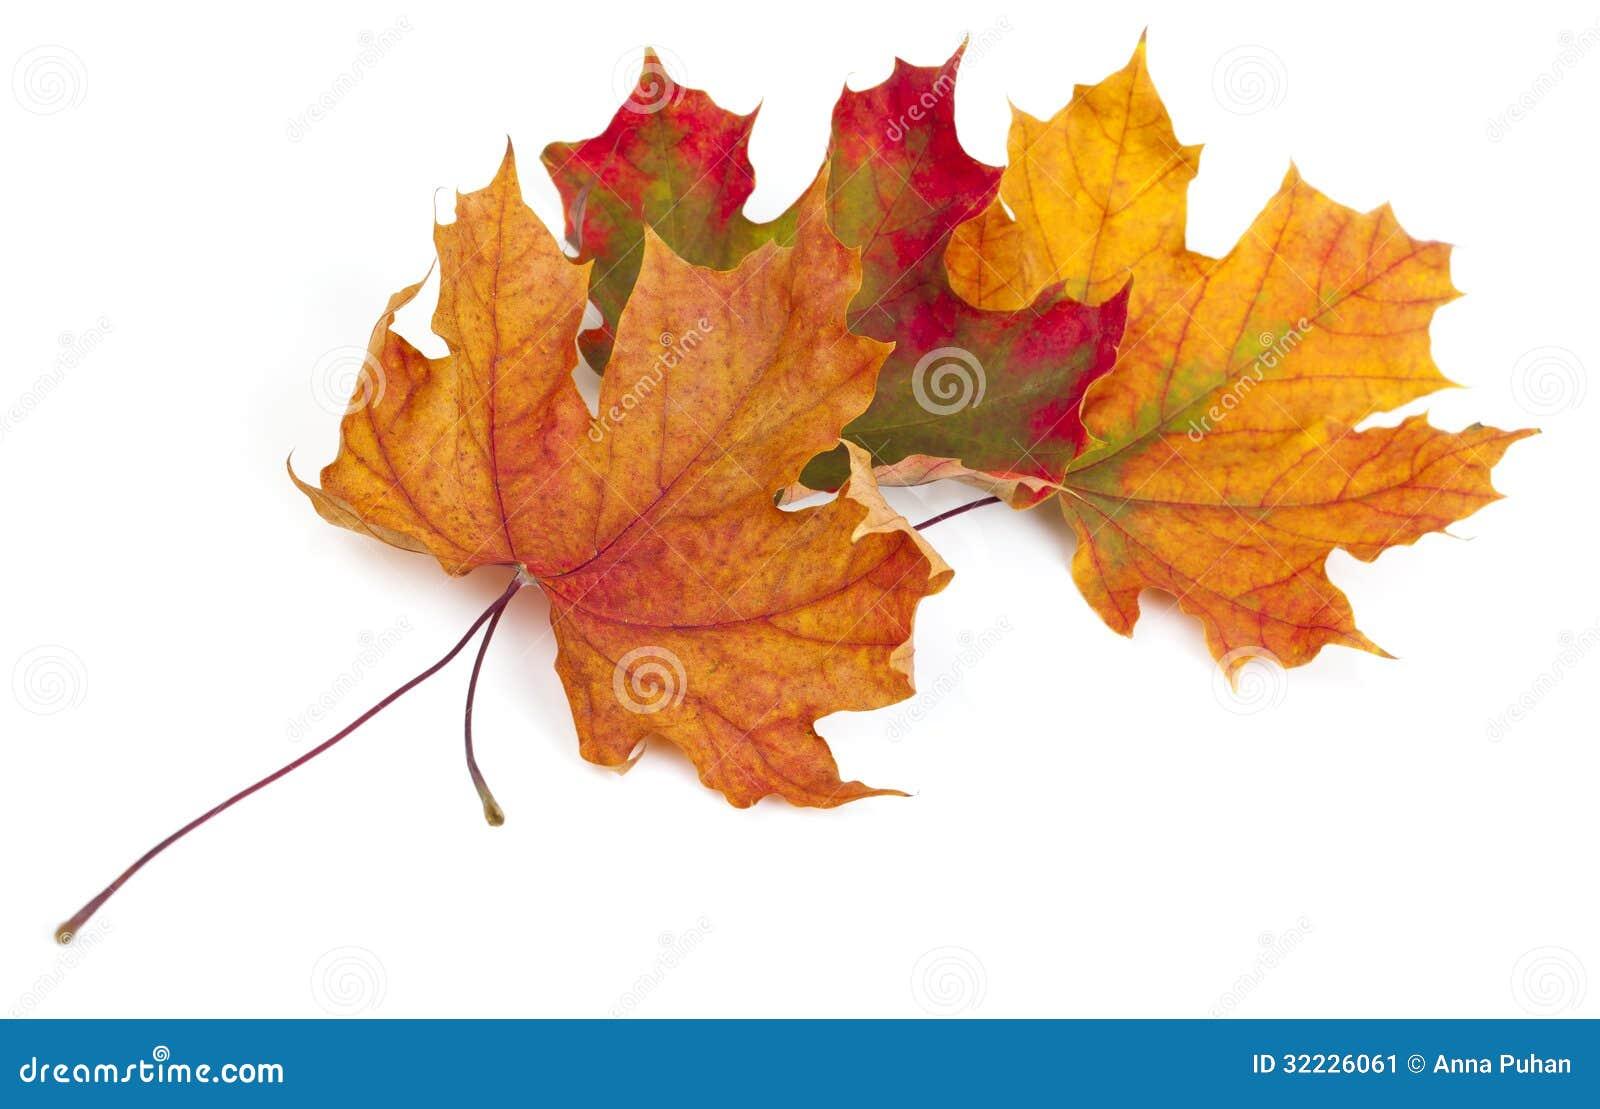 Download Folhas de outono do bordo imagem de stock. Imagem de macro - 32226061